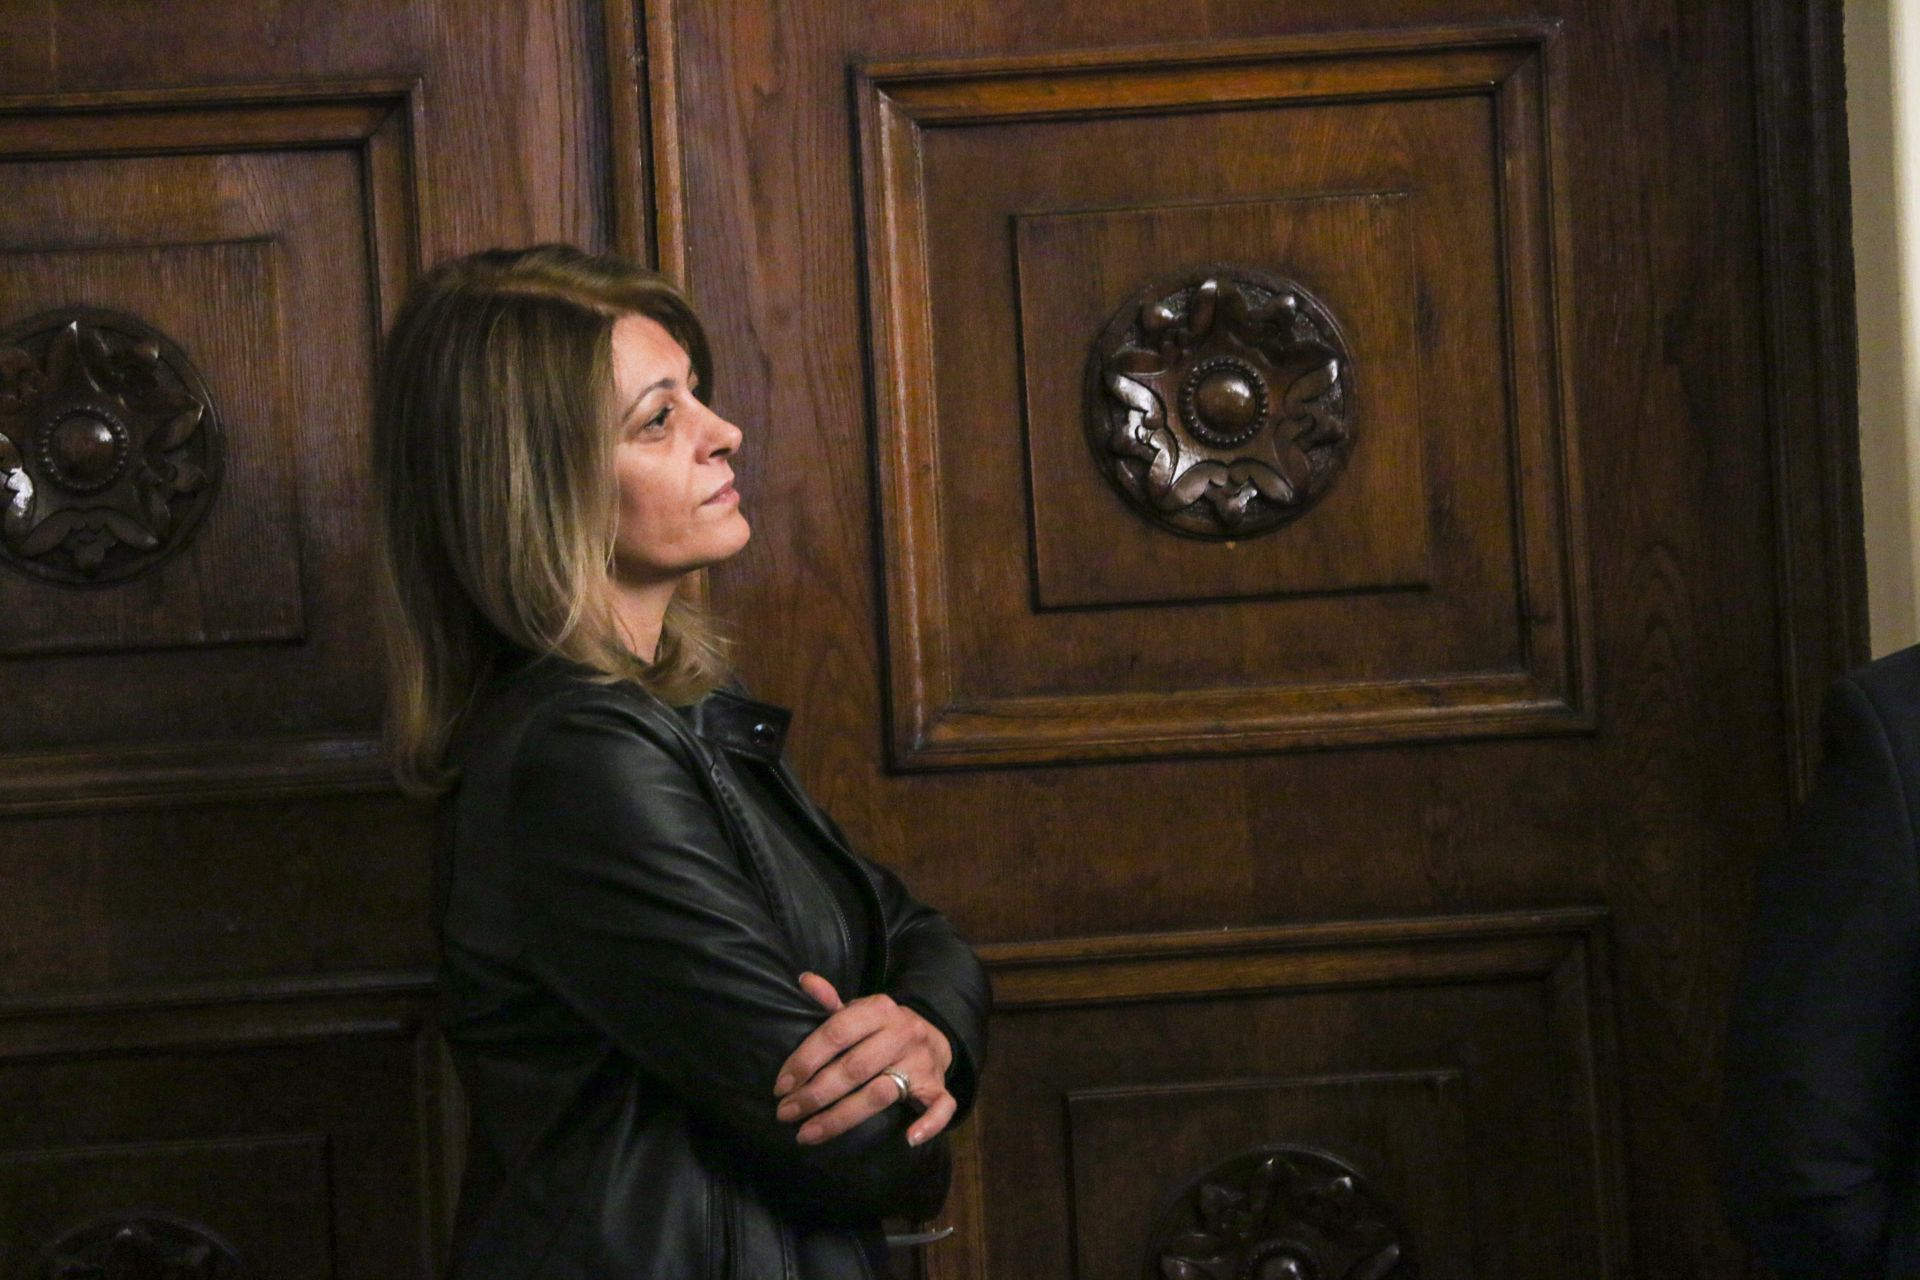 Първата дама Десислава Радева изгледа полуинкогнито изявлението на президента